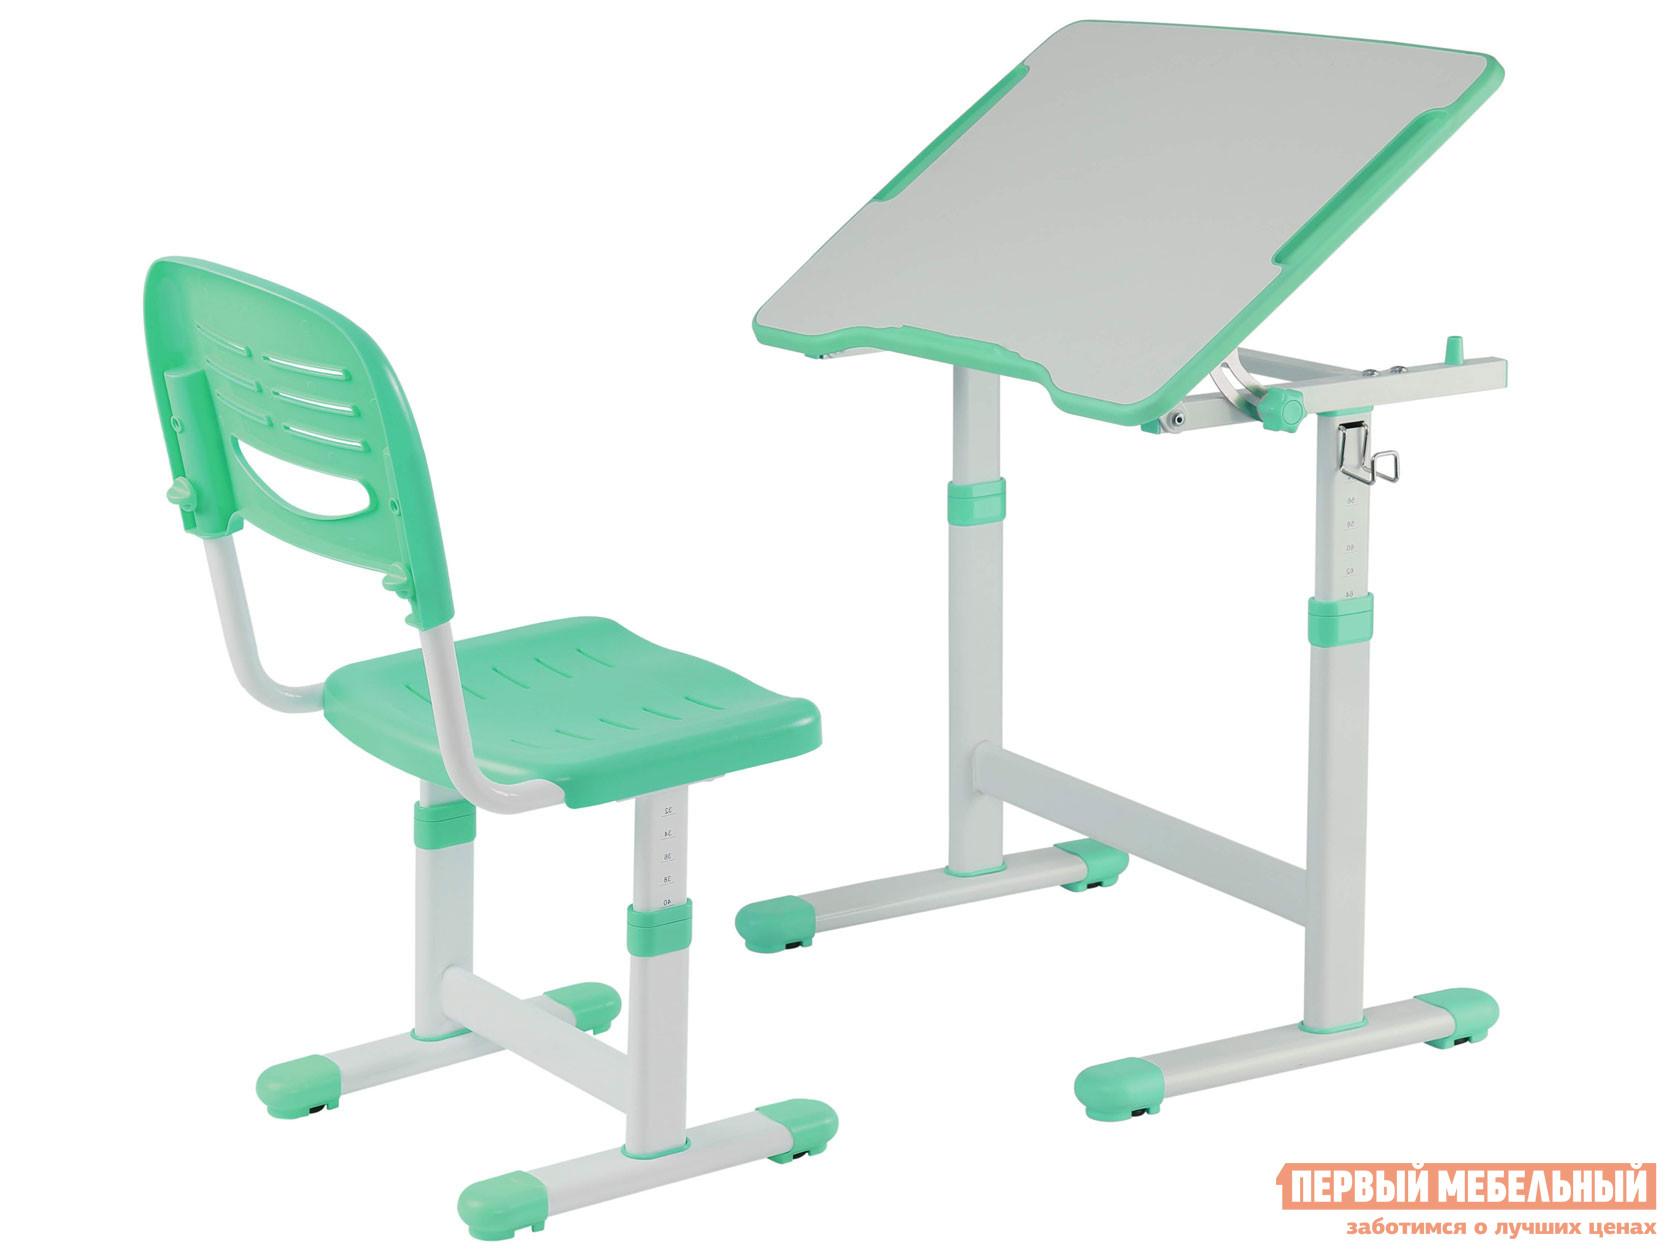 Парта со стулом СКА Группа Парта + стул PICCOLINO II парта fundesk piccolino ii grey со стулом